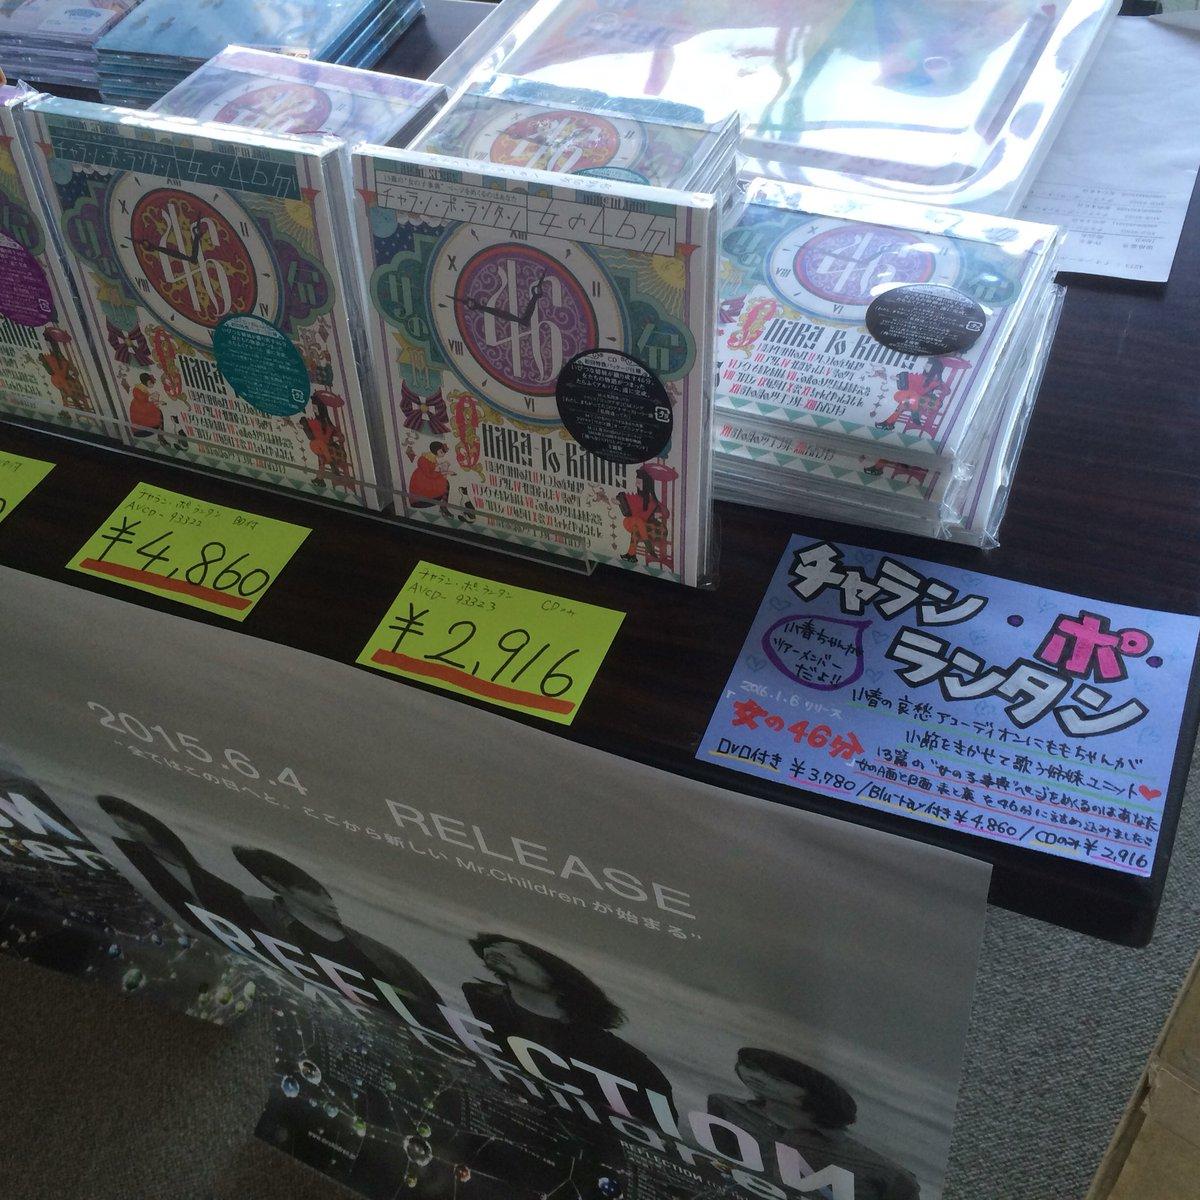 【#チャランポランタン #ミスチル】 「Mr.Children Hall Tour 2016 虹」にサポートメンバーとして参加している小春(アコーディオン) 在籍の姉妹ユニット、チャラン・ポ・ランタンのアルバムも販売しますよー^ ^